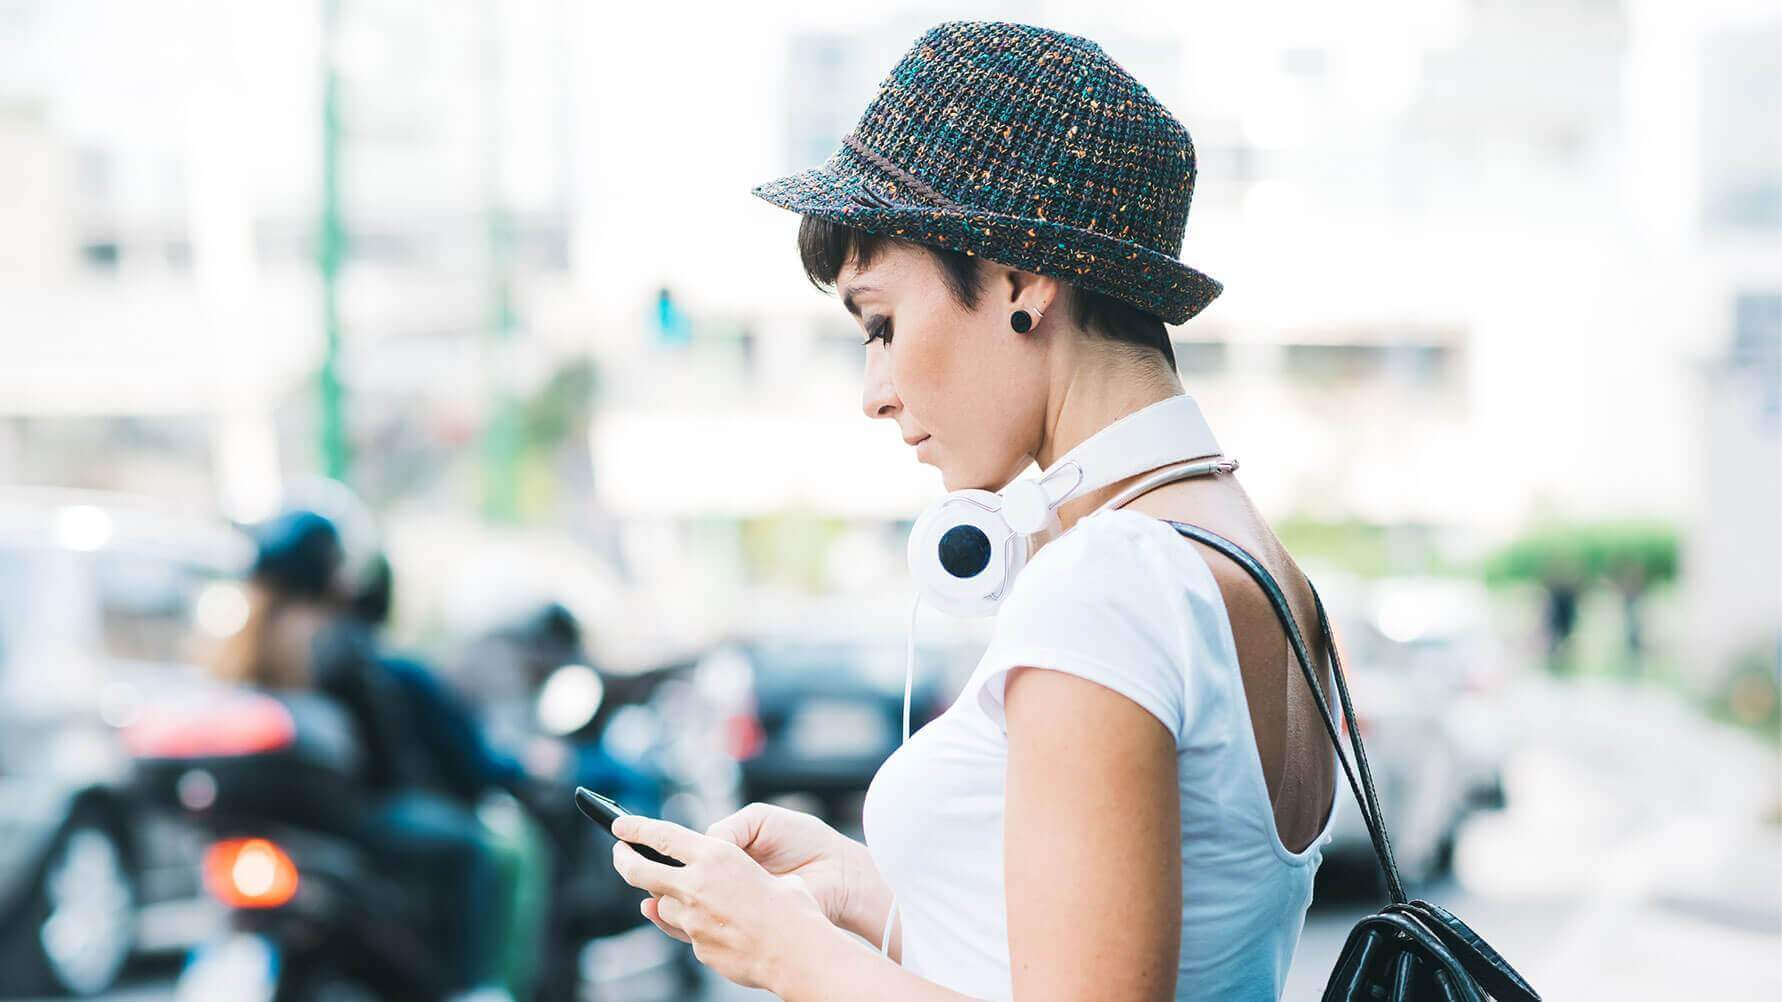 Girl Using Social Media App